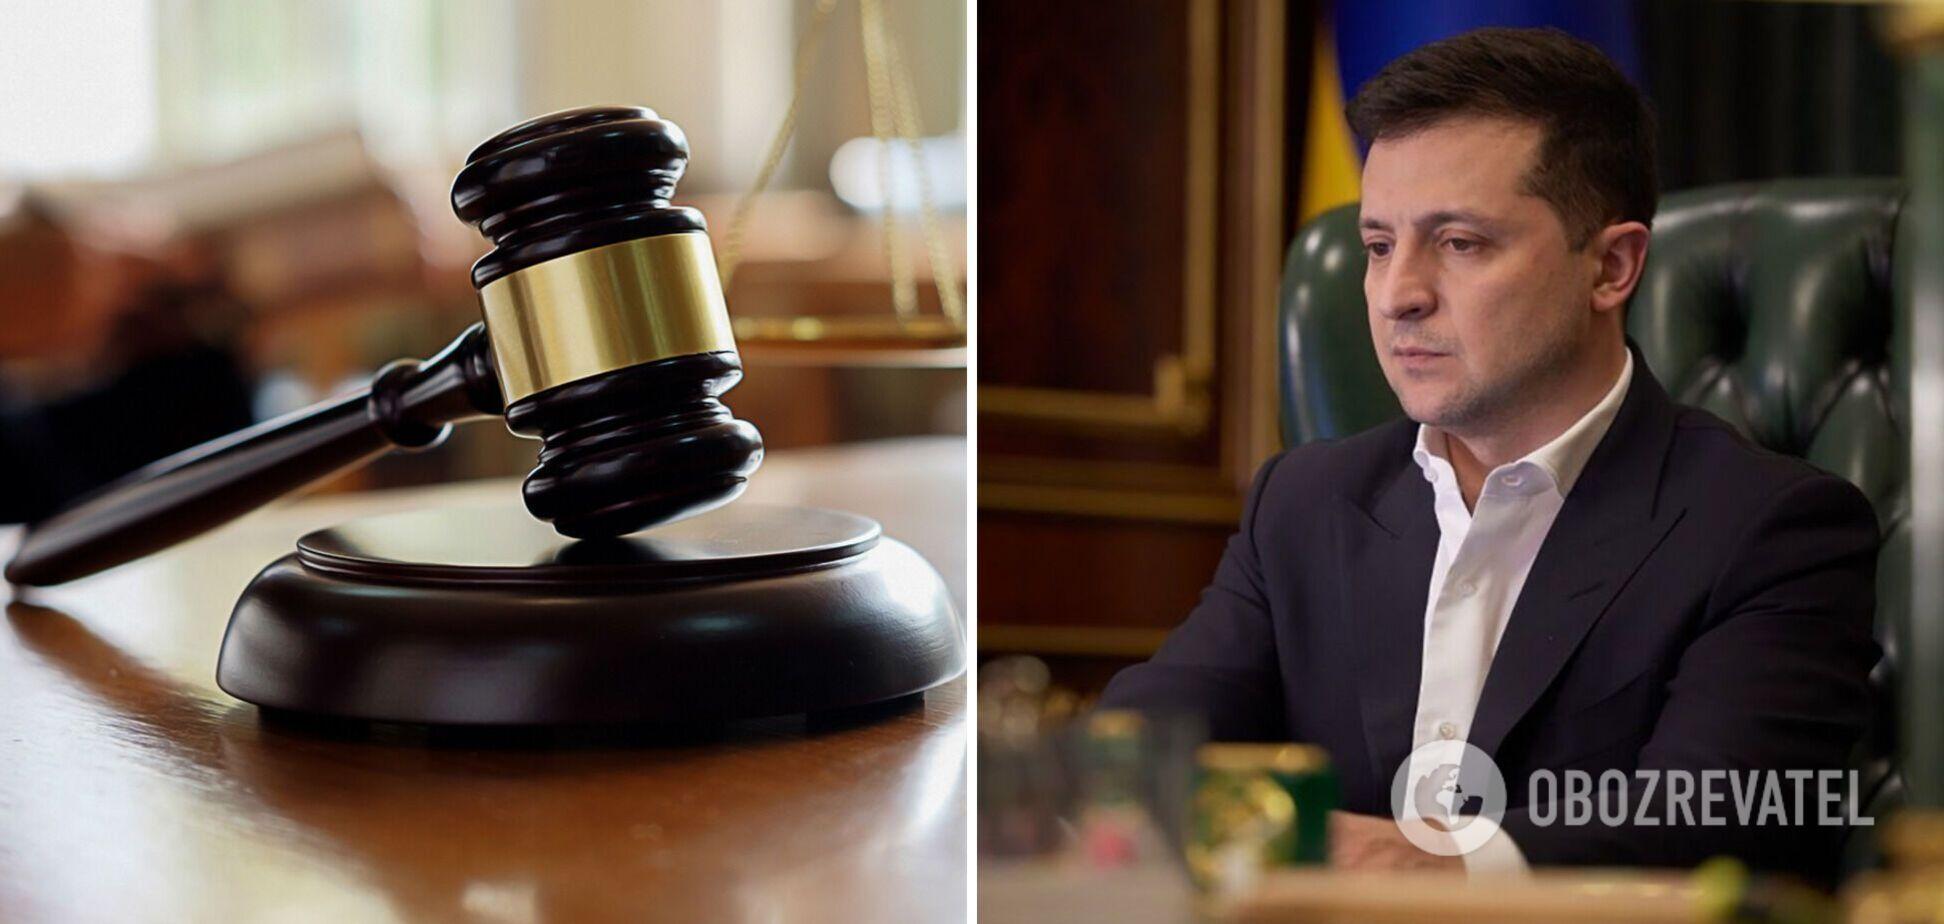 Новини України: Зеленський запропонував саджати за контрабанду, а на Закарпатті скасували регіональні мови